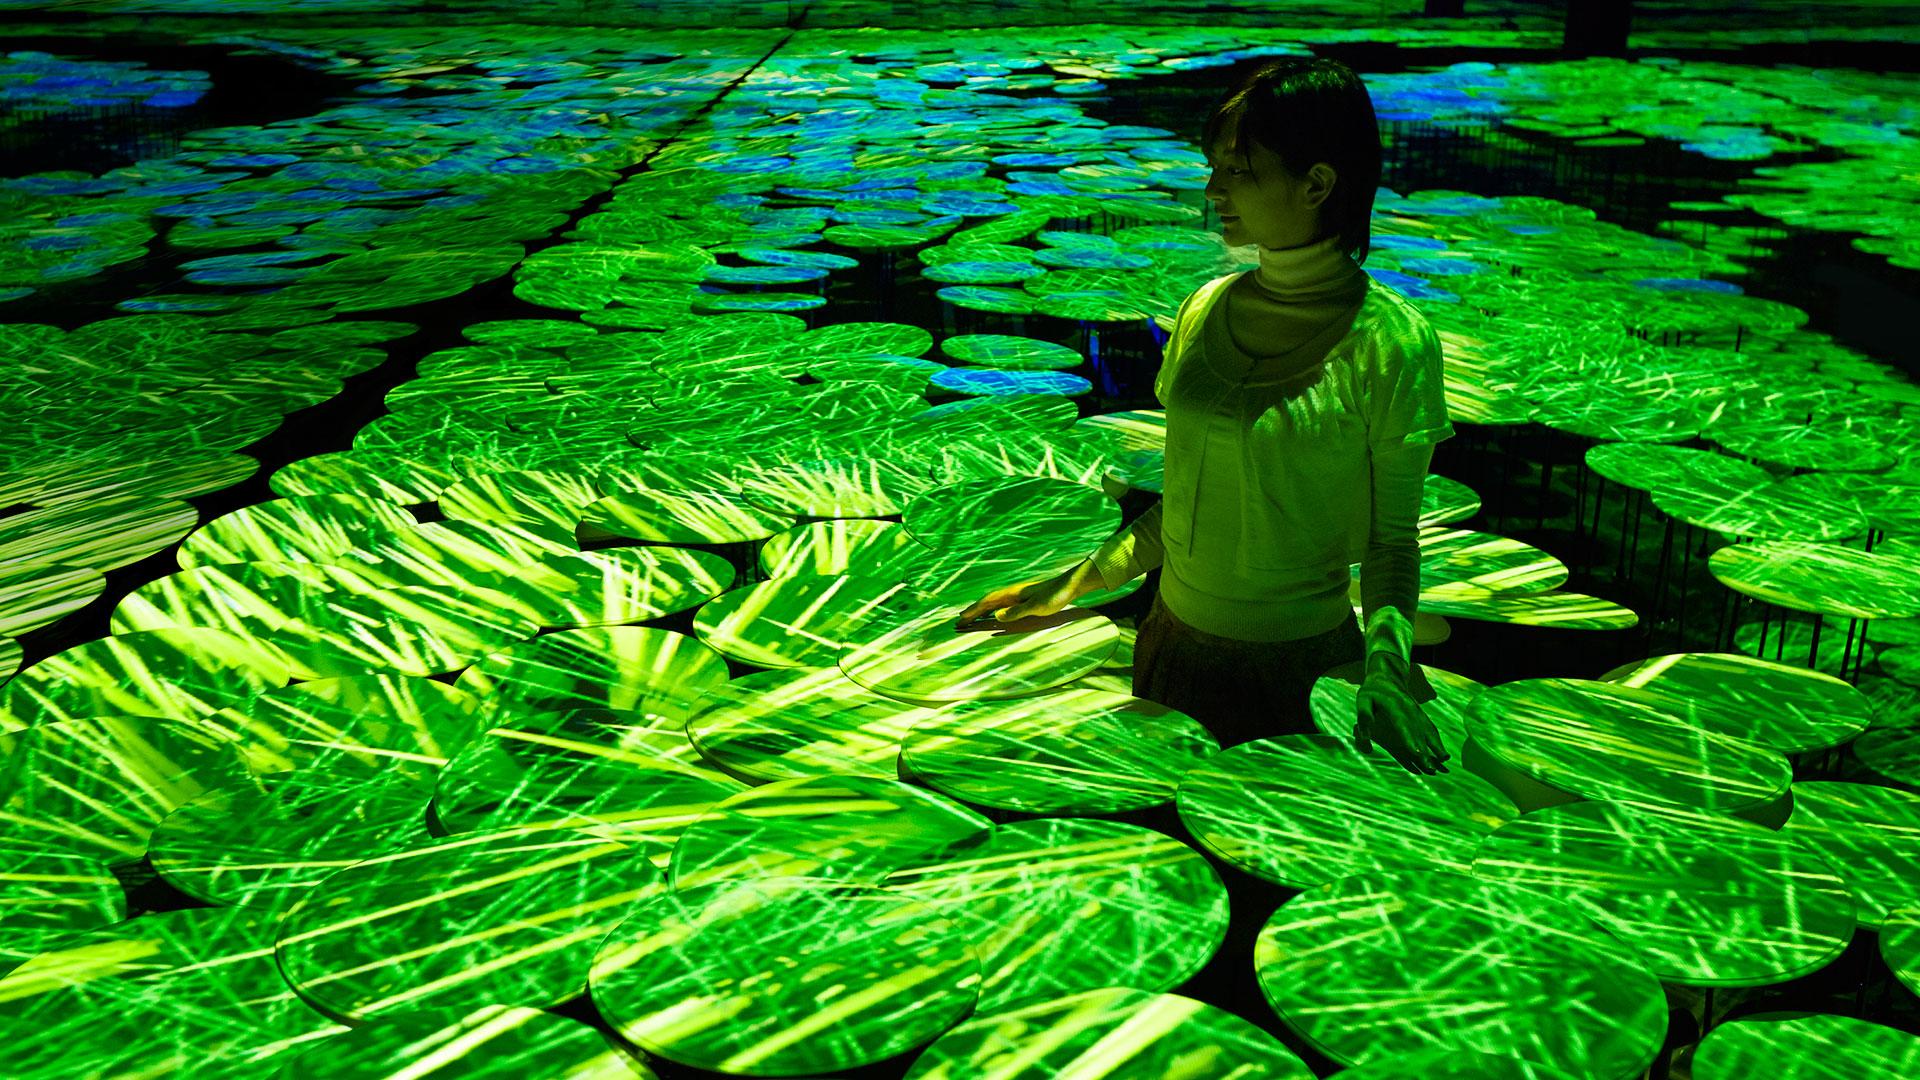 TeamLab presenta dos exposiciones de arte en el pabellón de Japón en la Expo Universal de Milán 2015